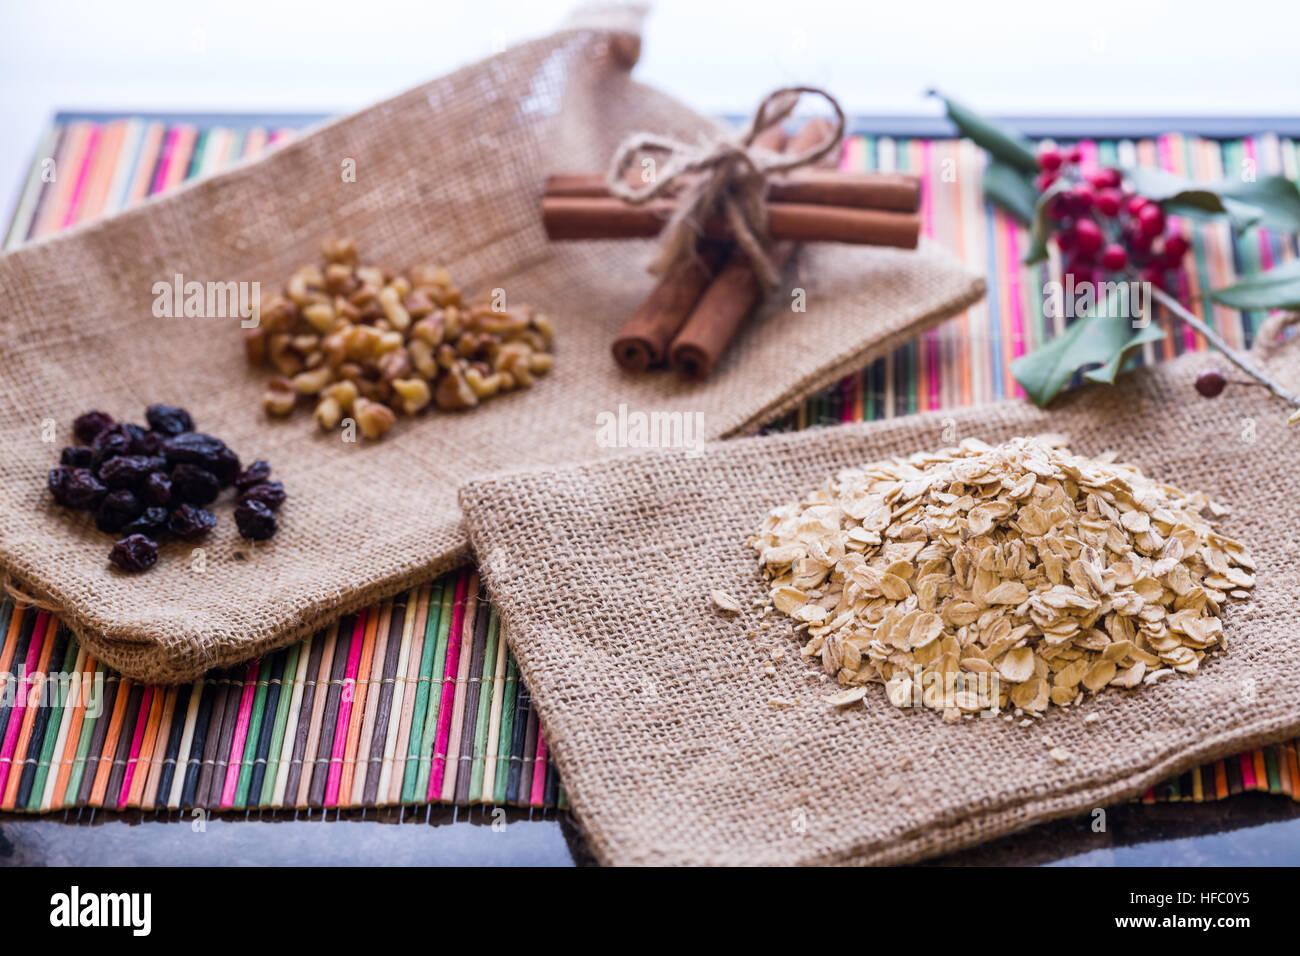 La harina de avena con pasas, nueces y canela. Foto de stock